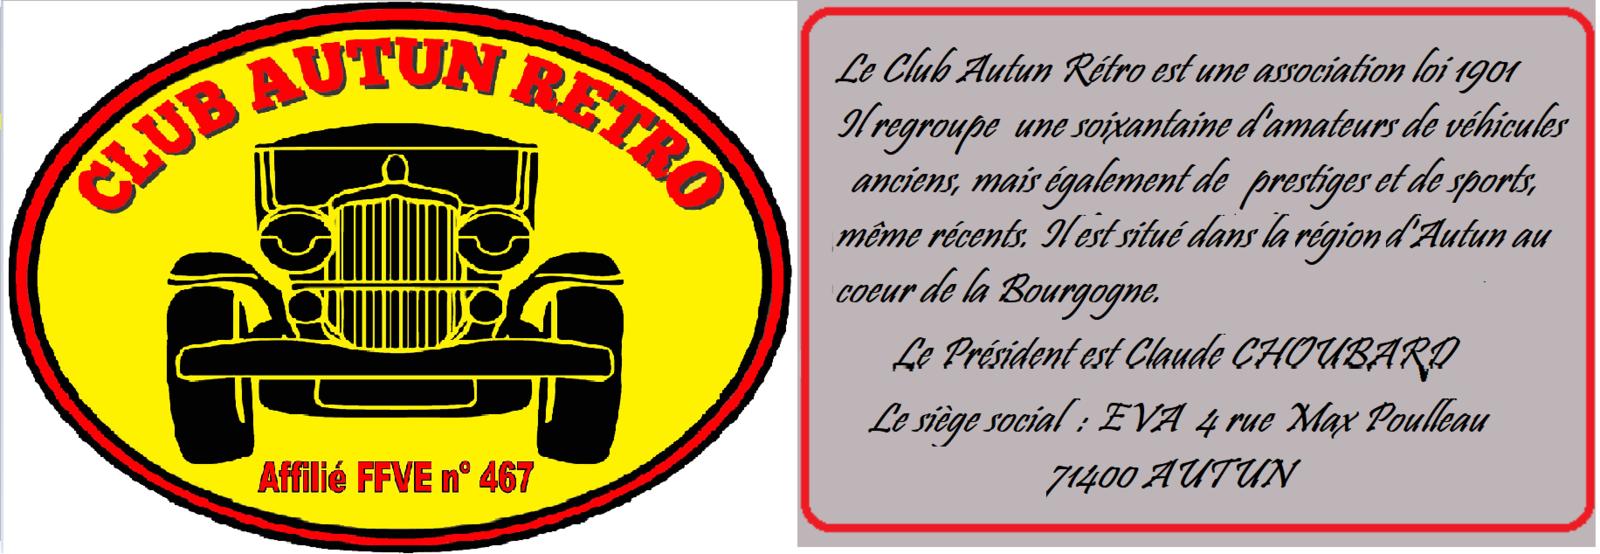 Bienvenue sur le site du Club Autun Rétro